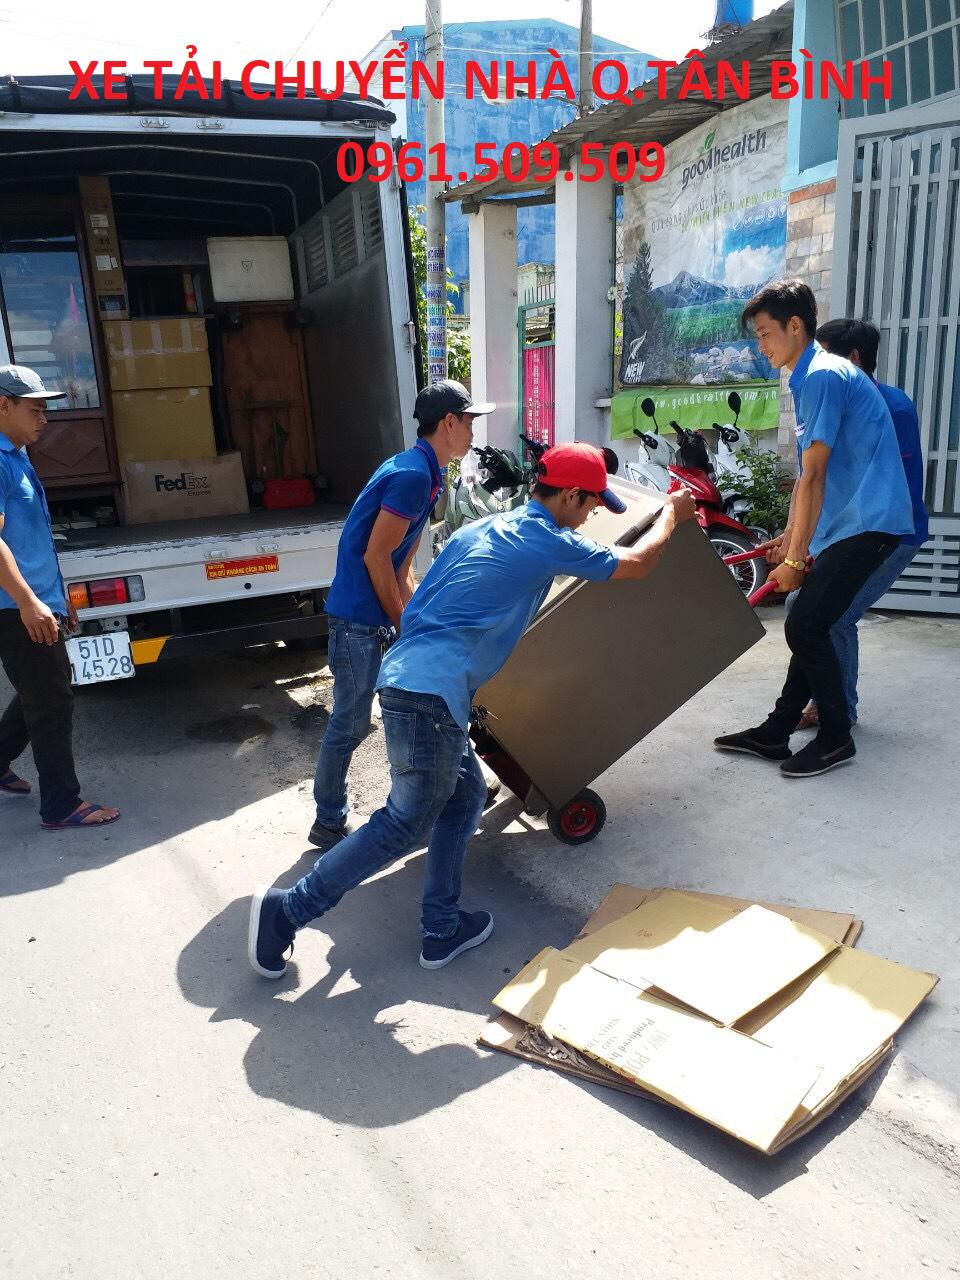 xe tải chuyển nhà quận Tân Bình